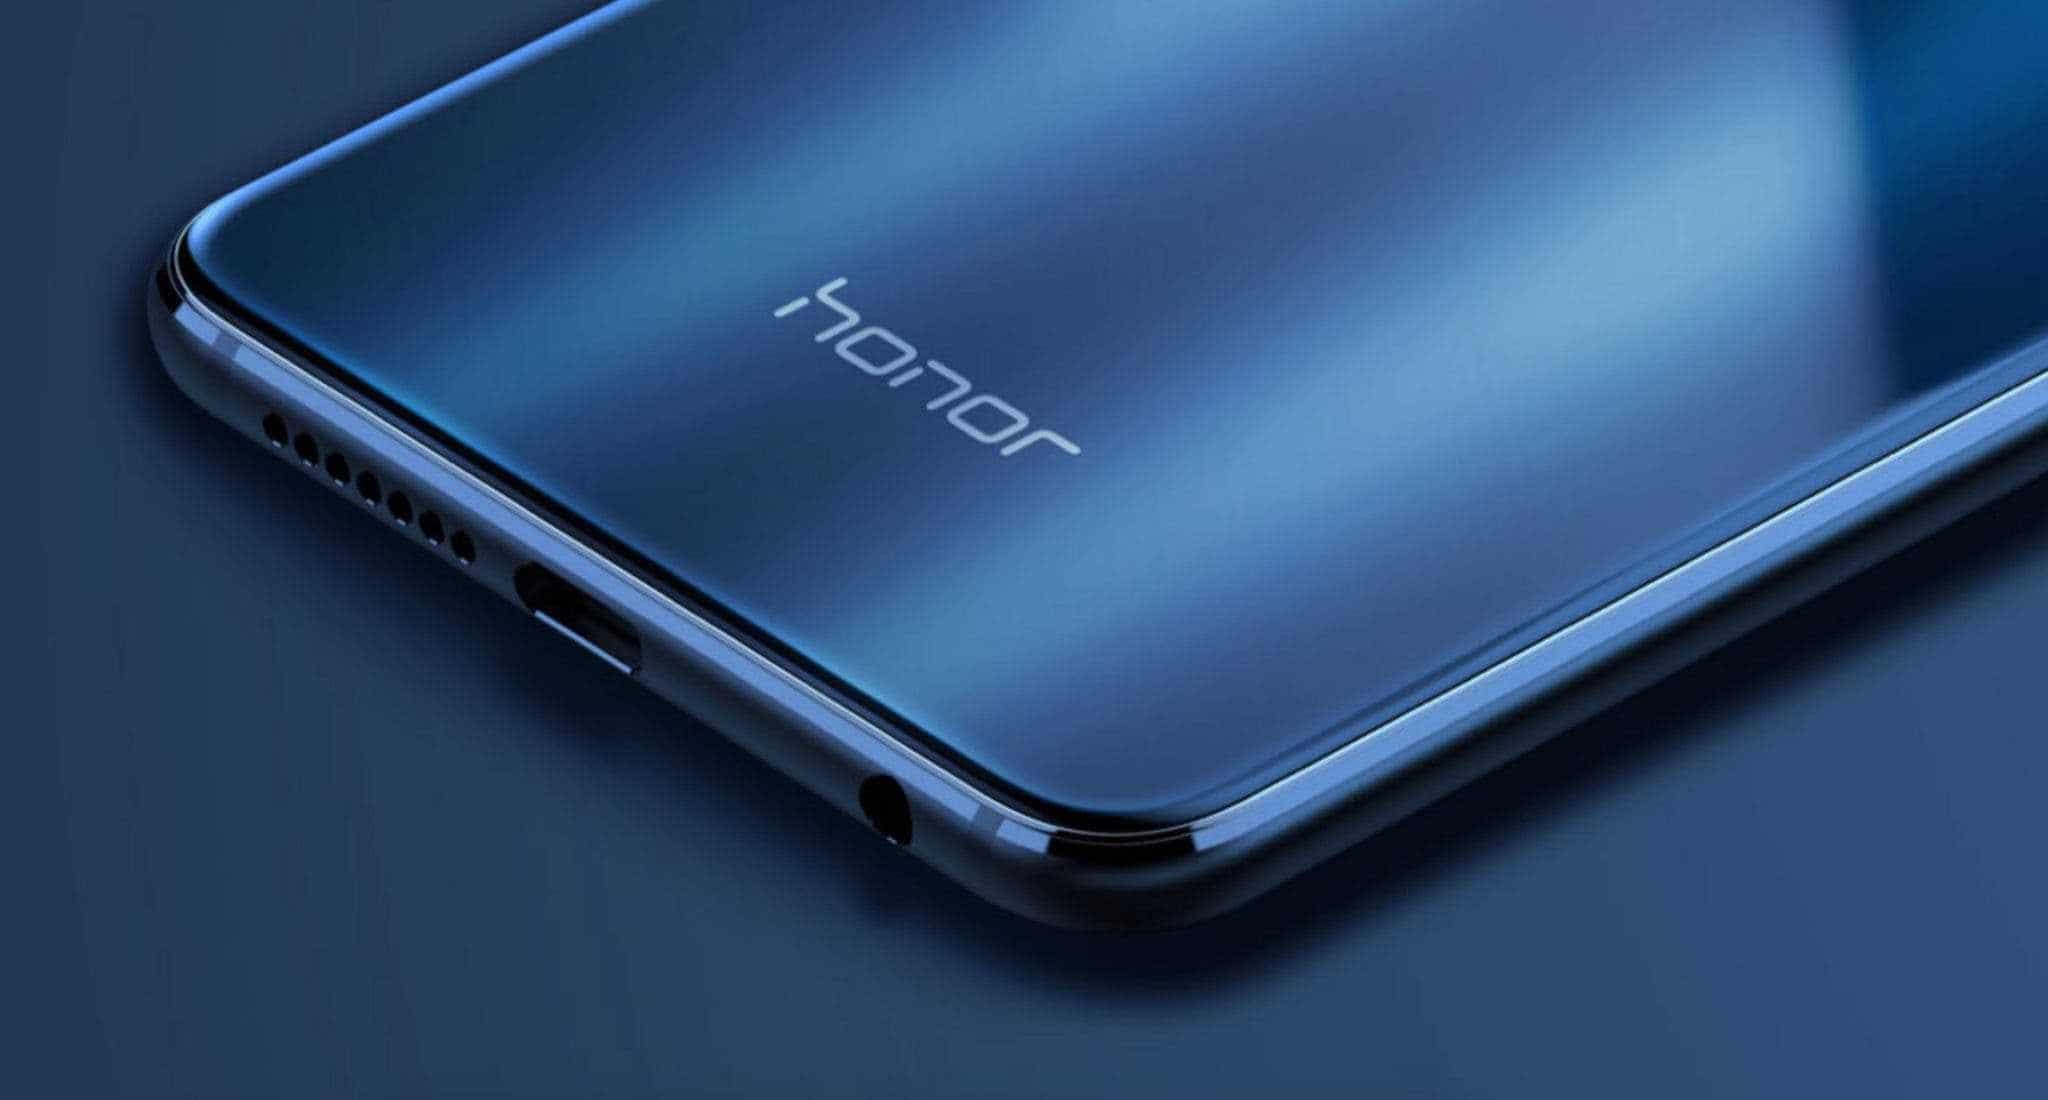 گوشی منعطف آنر با دو نمایشگر 8 اینچی و 6.5 اینچی عرضه می شود - چیکاو